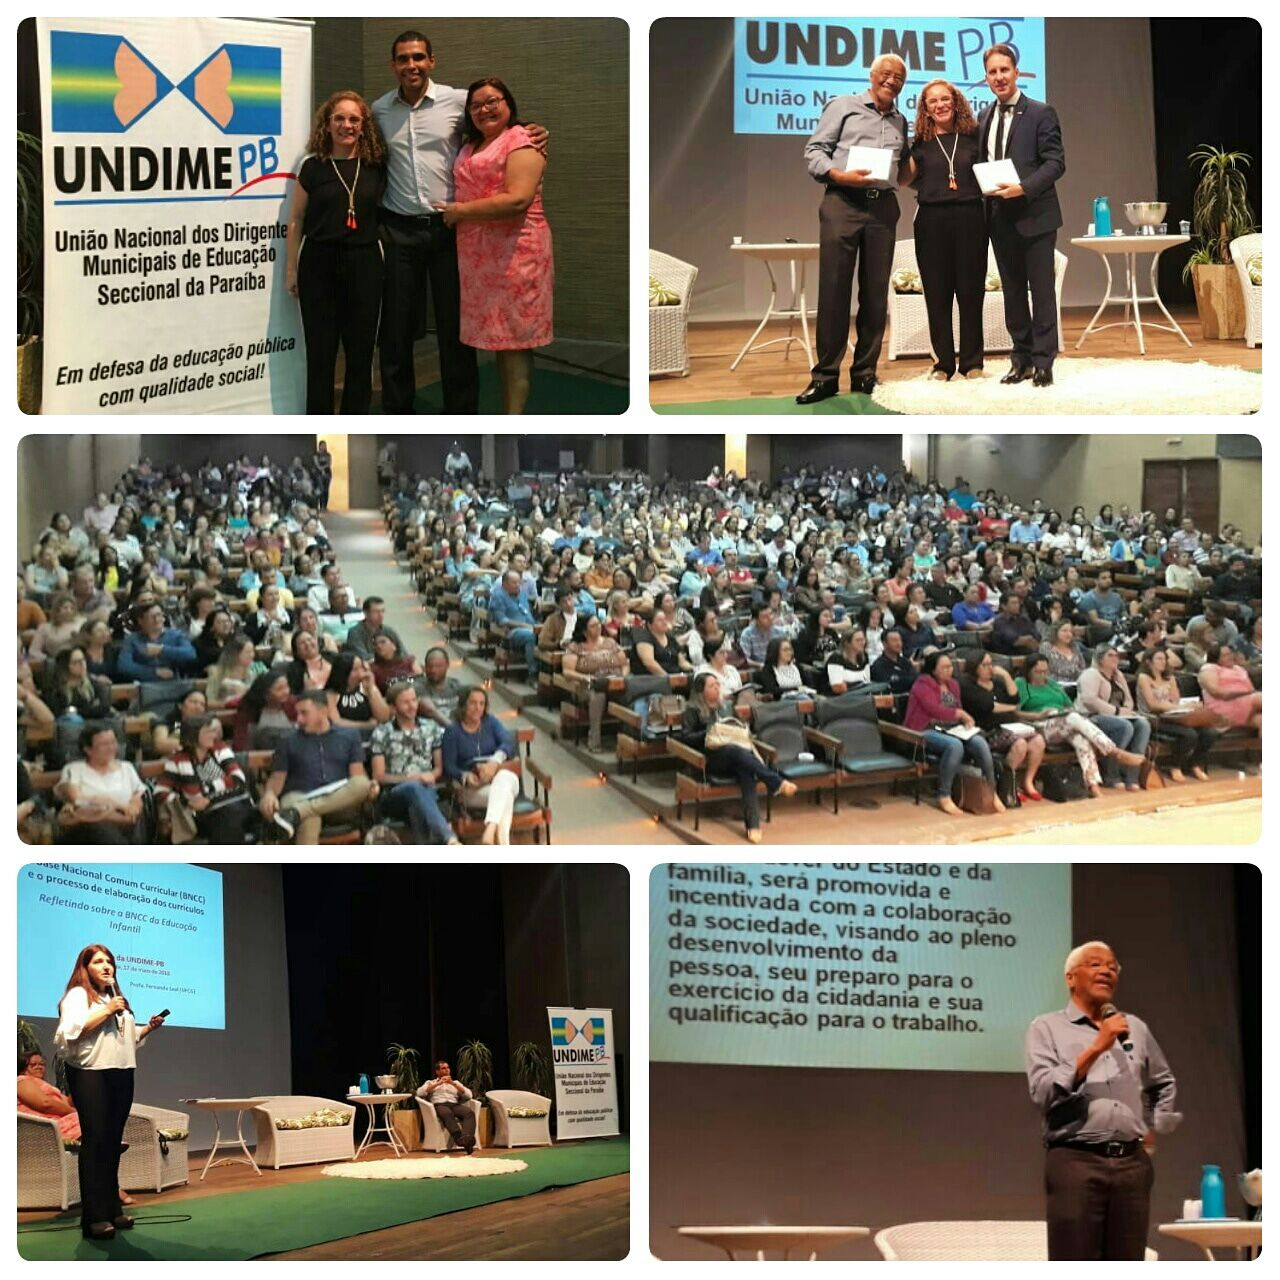 Paraíba e Rio Grande do Norte reúnem dirigentes e promovem encontros nos estados